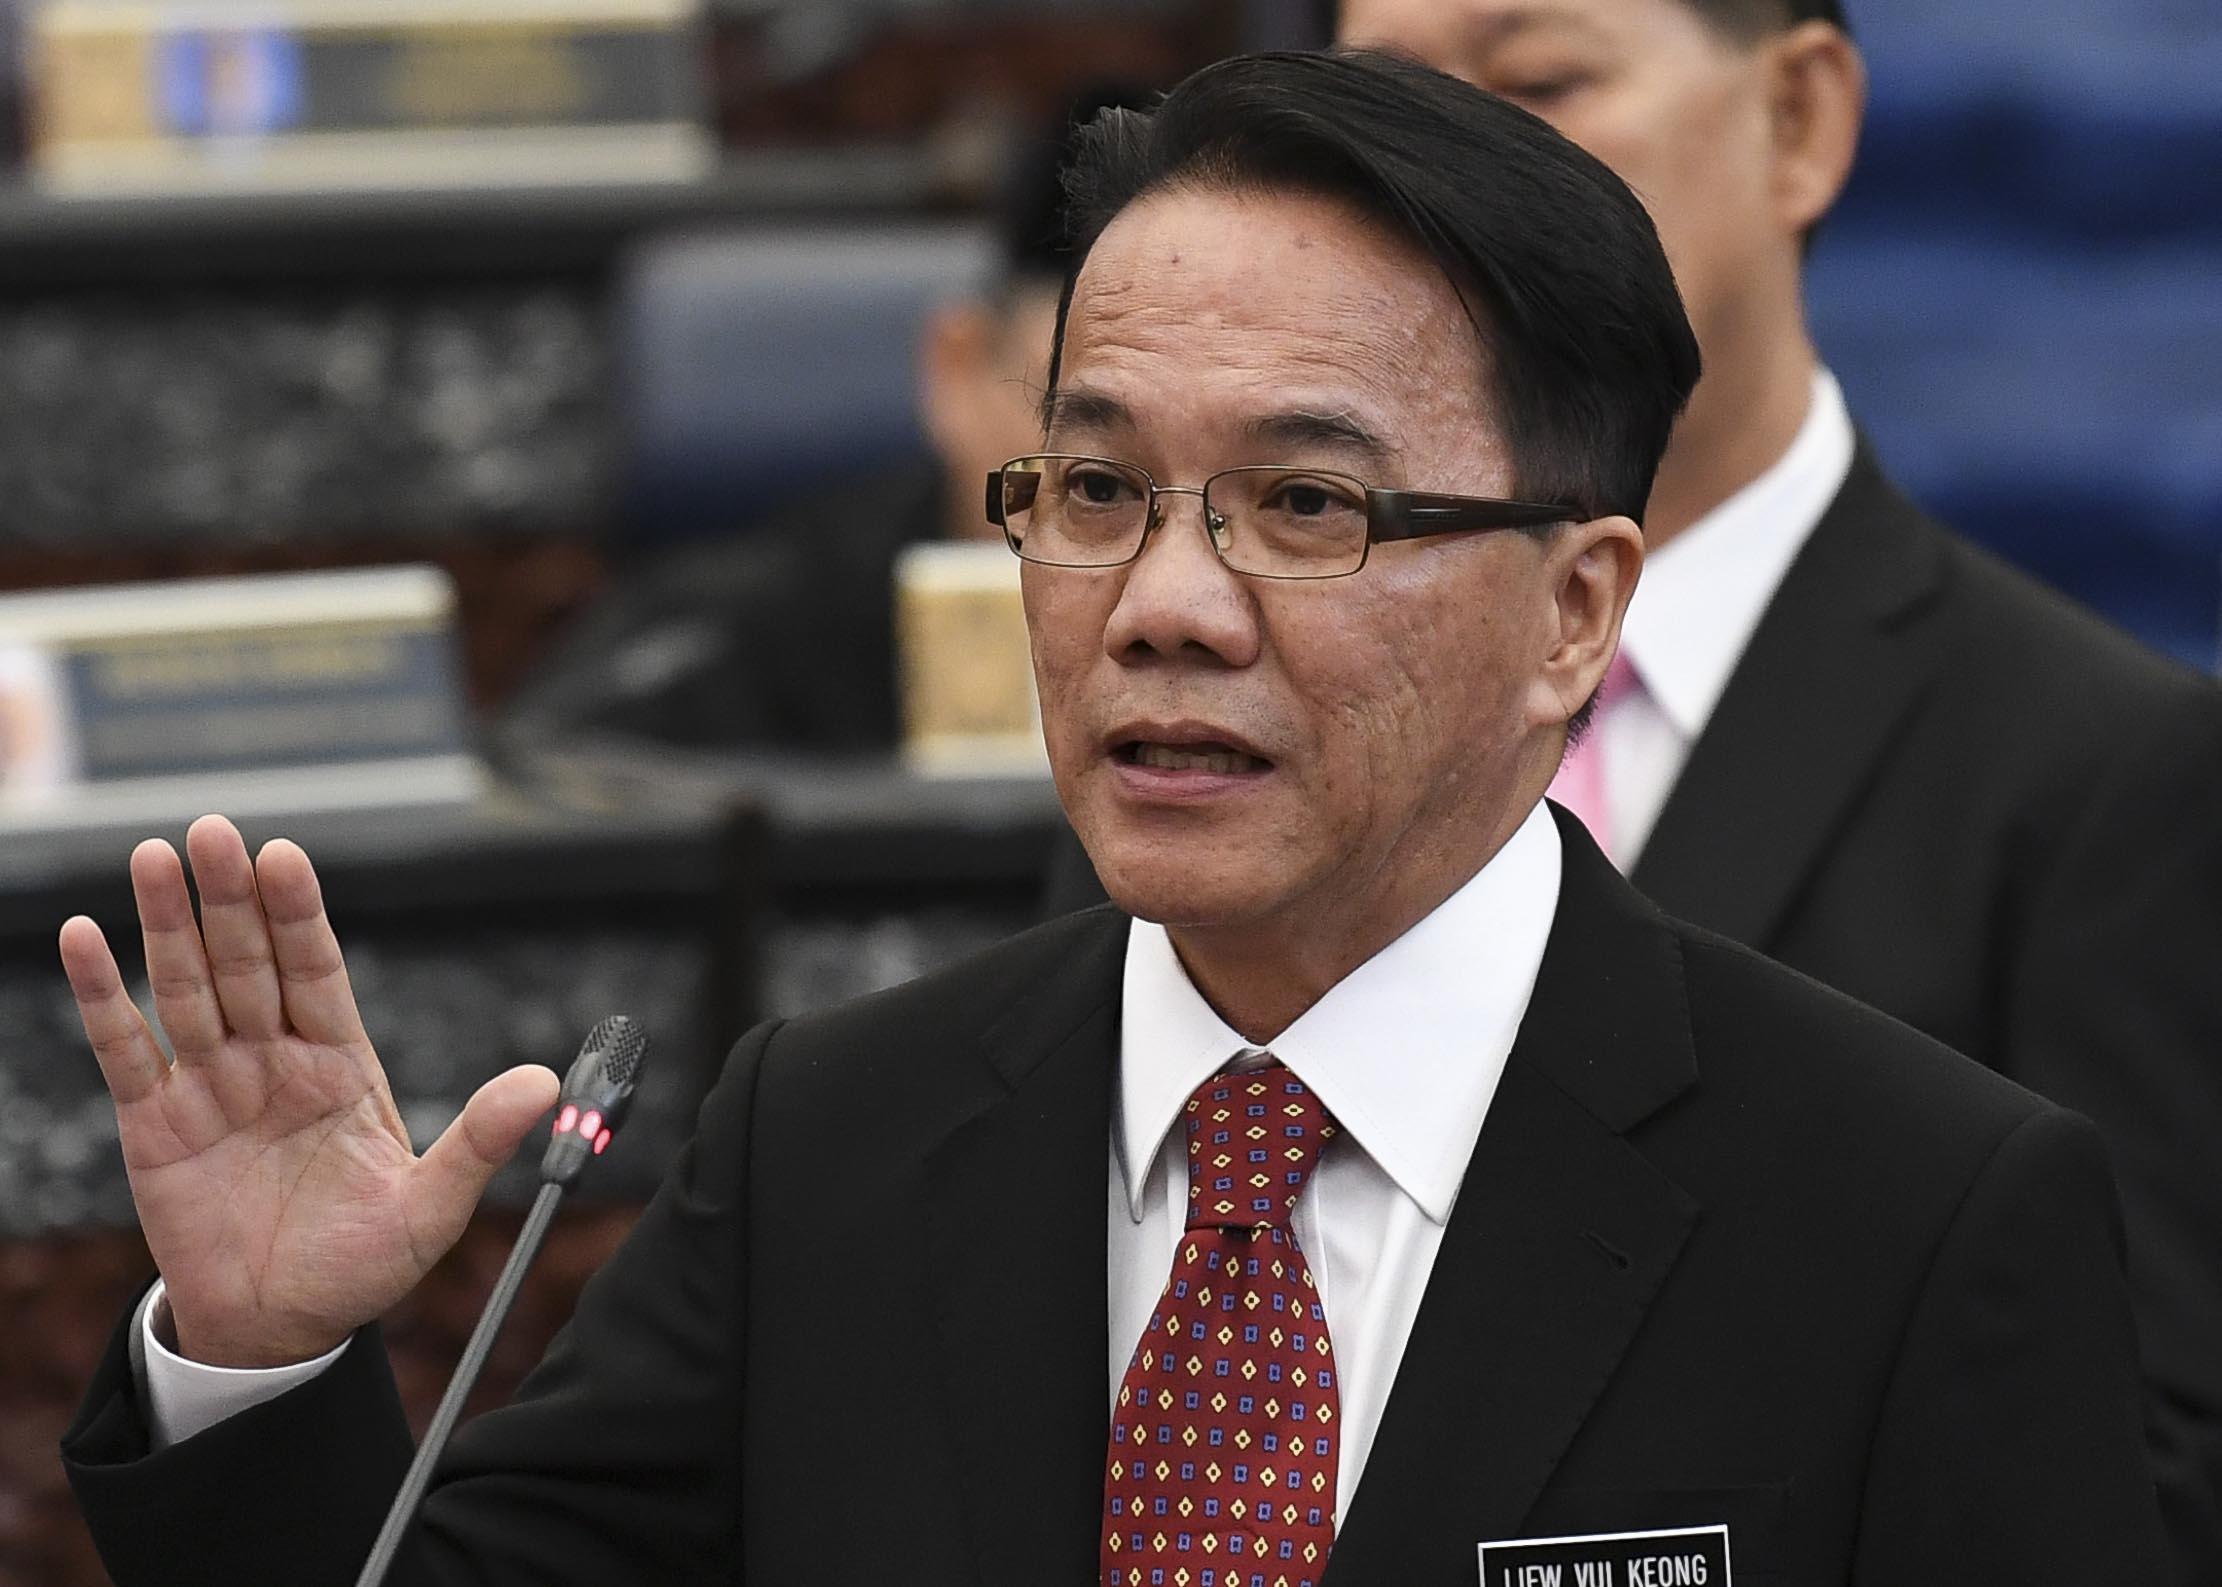 Menteri di Jabatan Perdana Menteri Datuk Liew Vui Keong